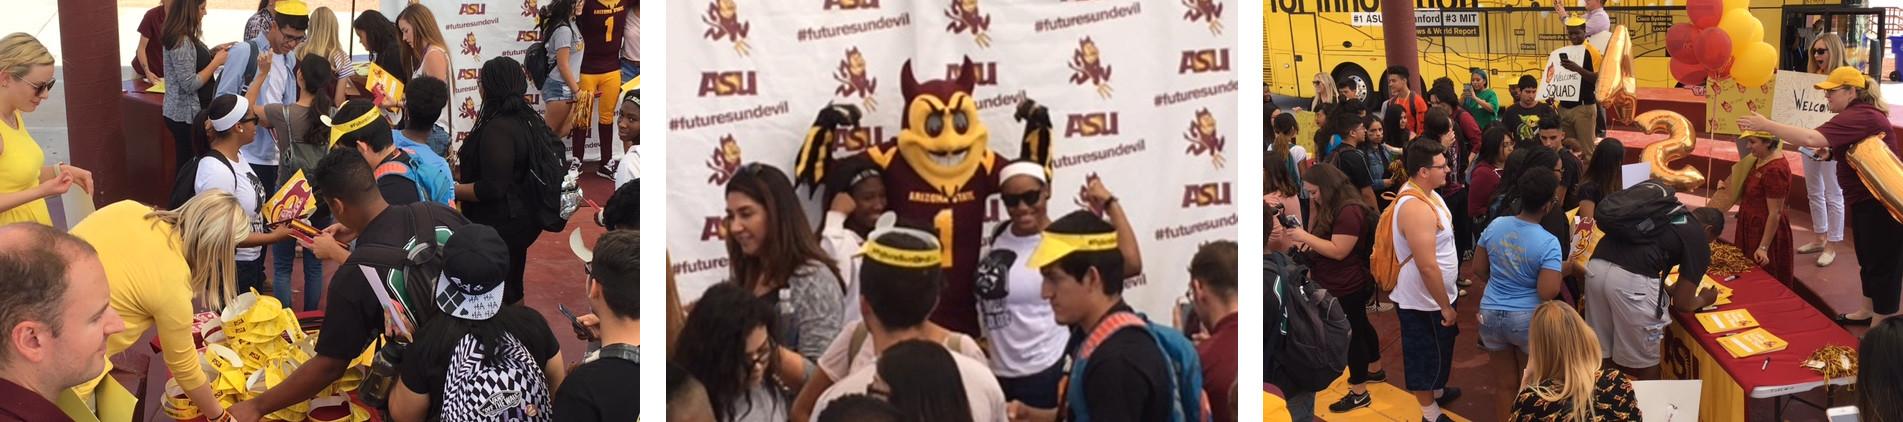 Students visit ASU